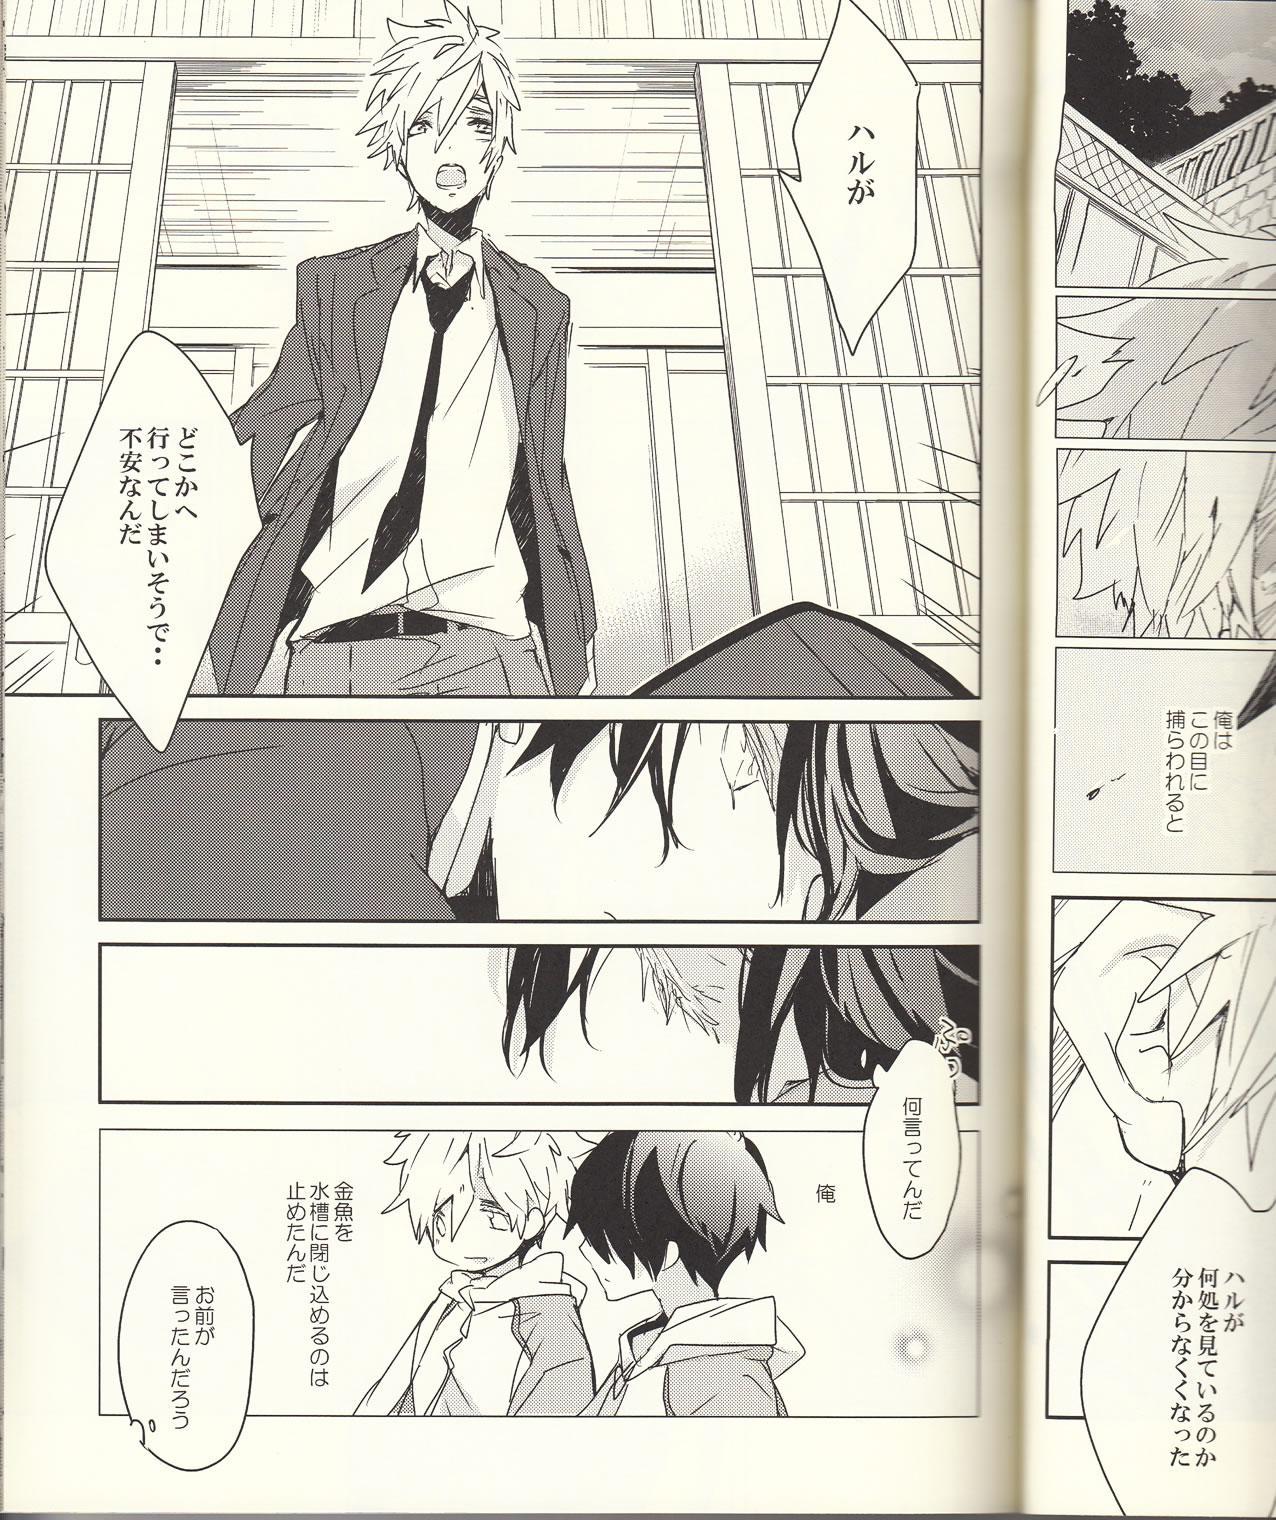 Seichouki 11